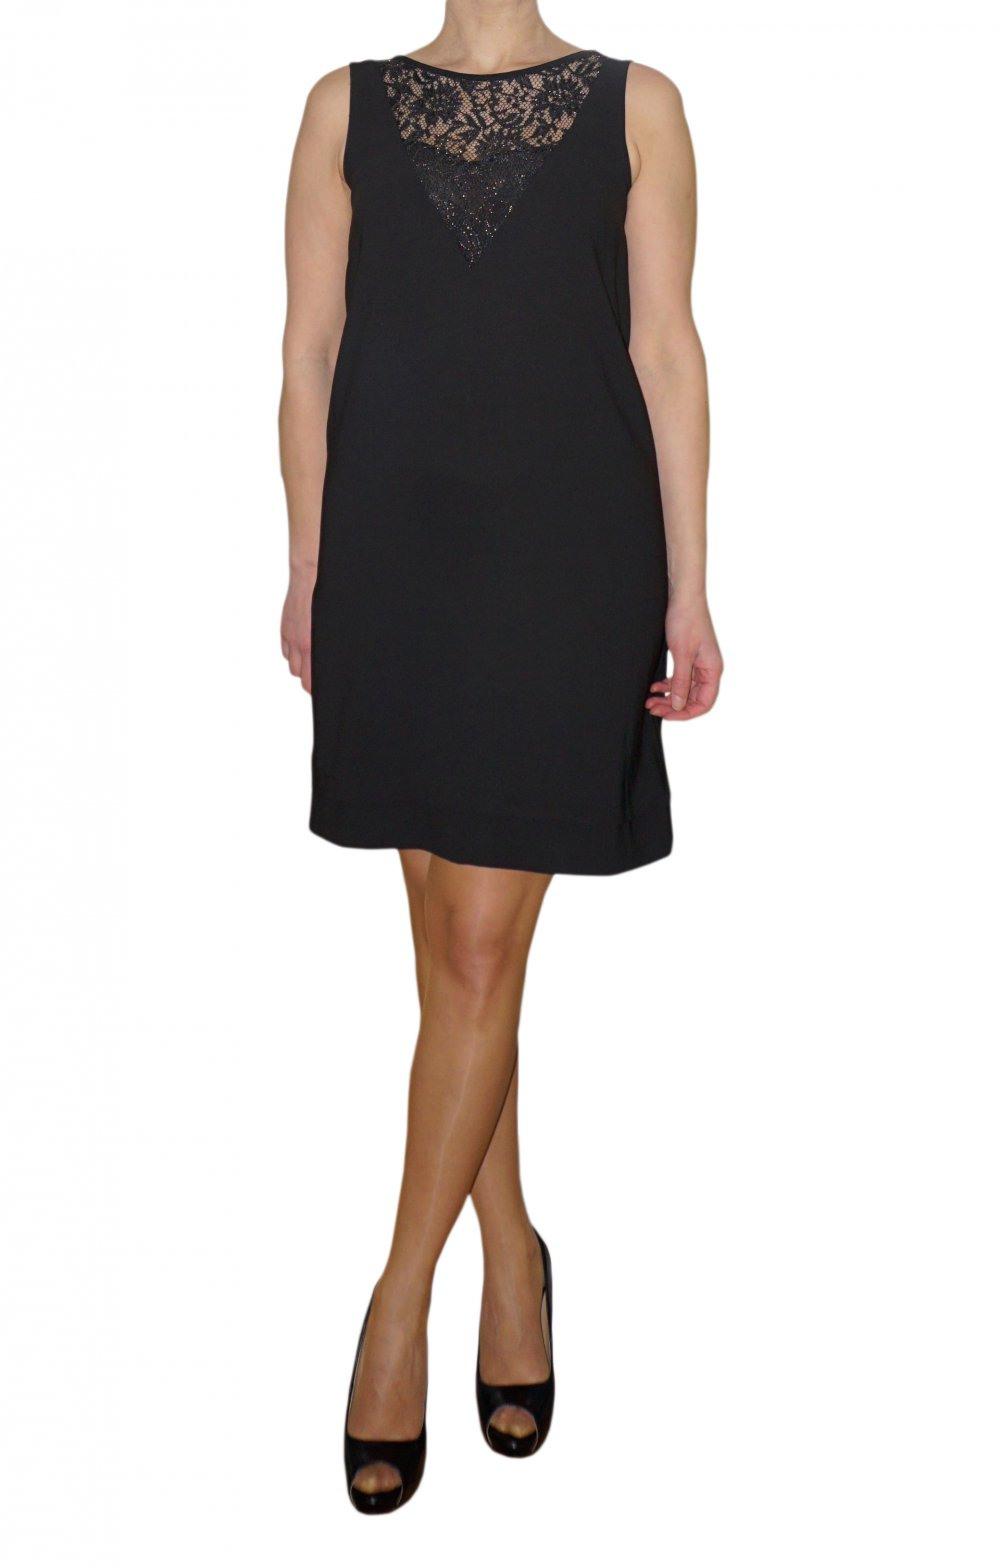 13 Wunderbar Esprit Abend Kleid VertriebFormal Schön Esprit Abend Kleid für 2019